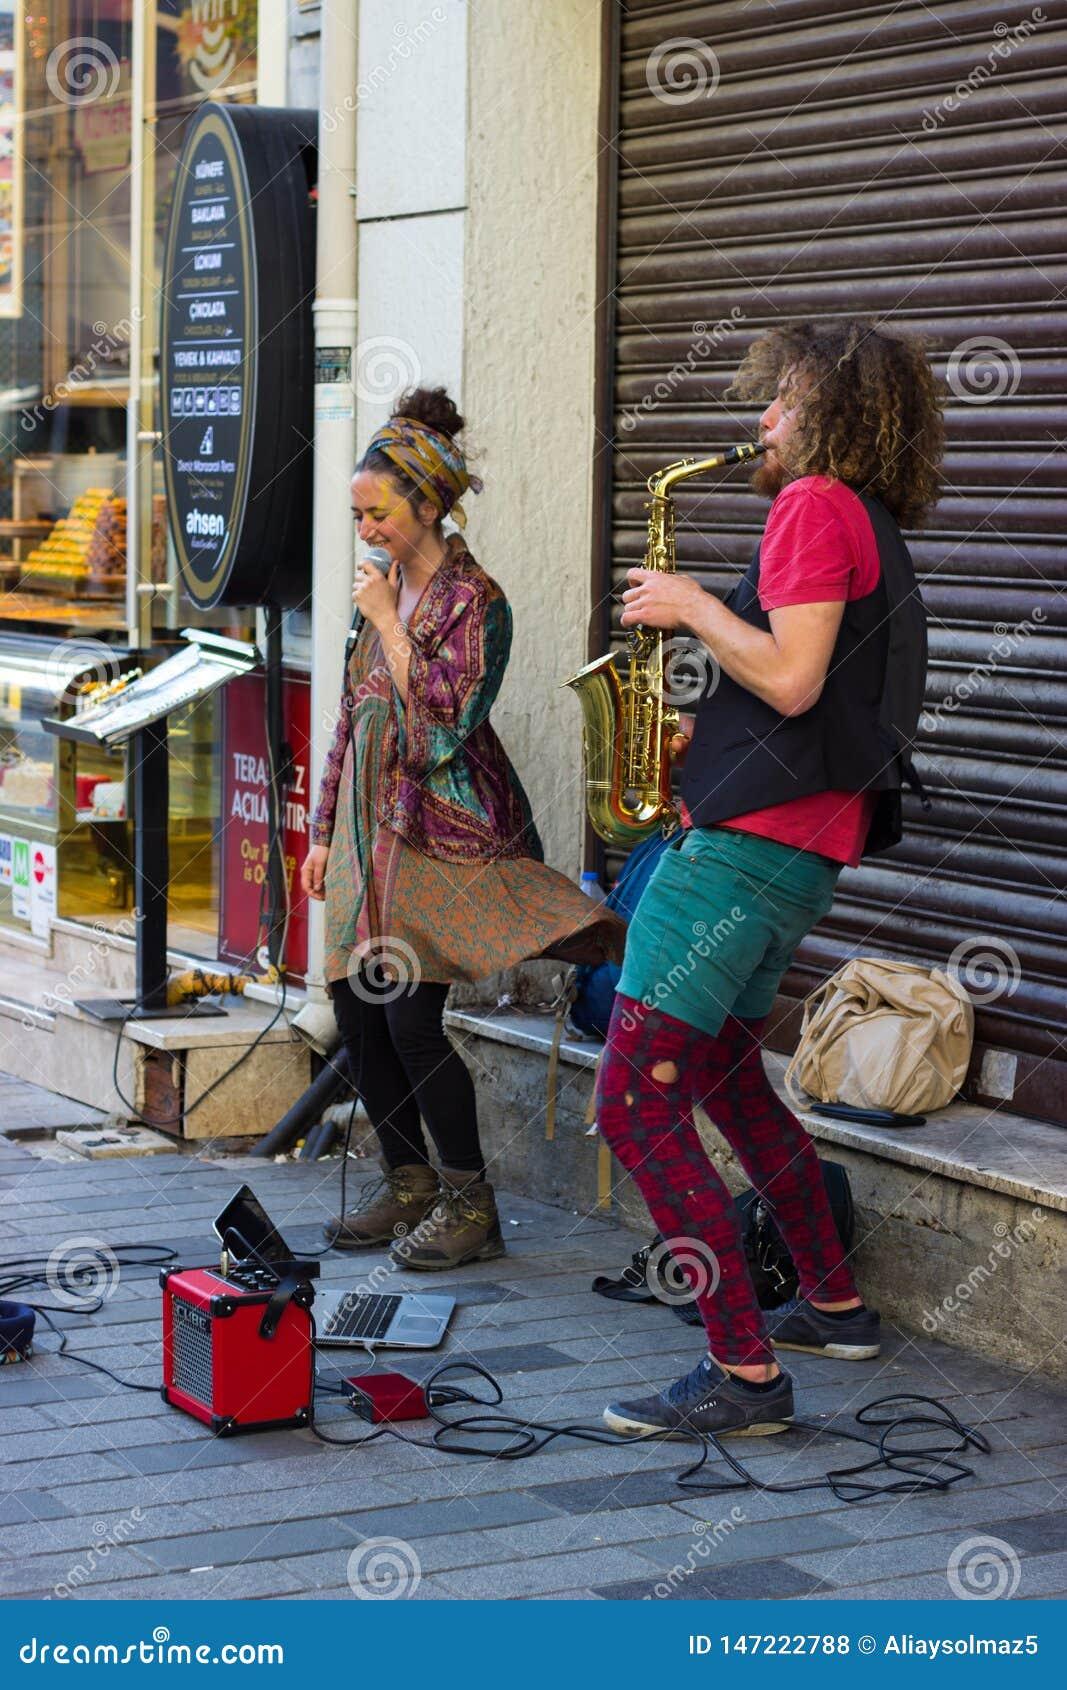 伊斯坦布尔,Istiklal街/土耳其9 5 2019年:执行他们的展示,Istiklal街的萨克斯管艺术家的街道音乐家